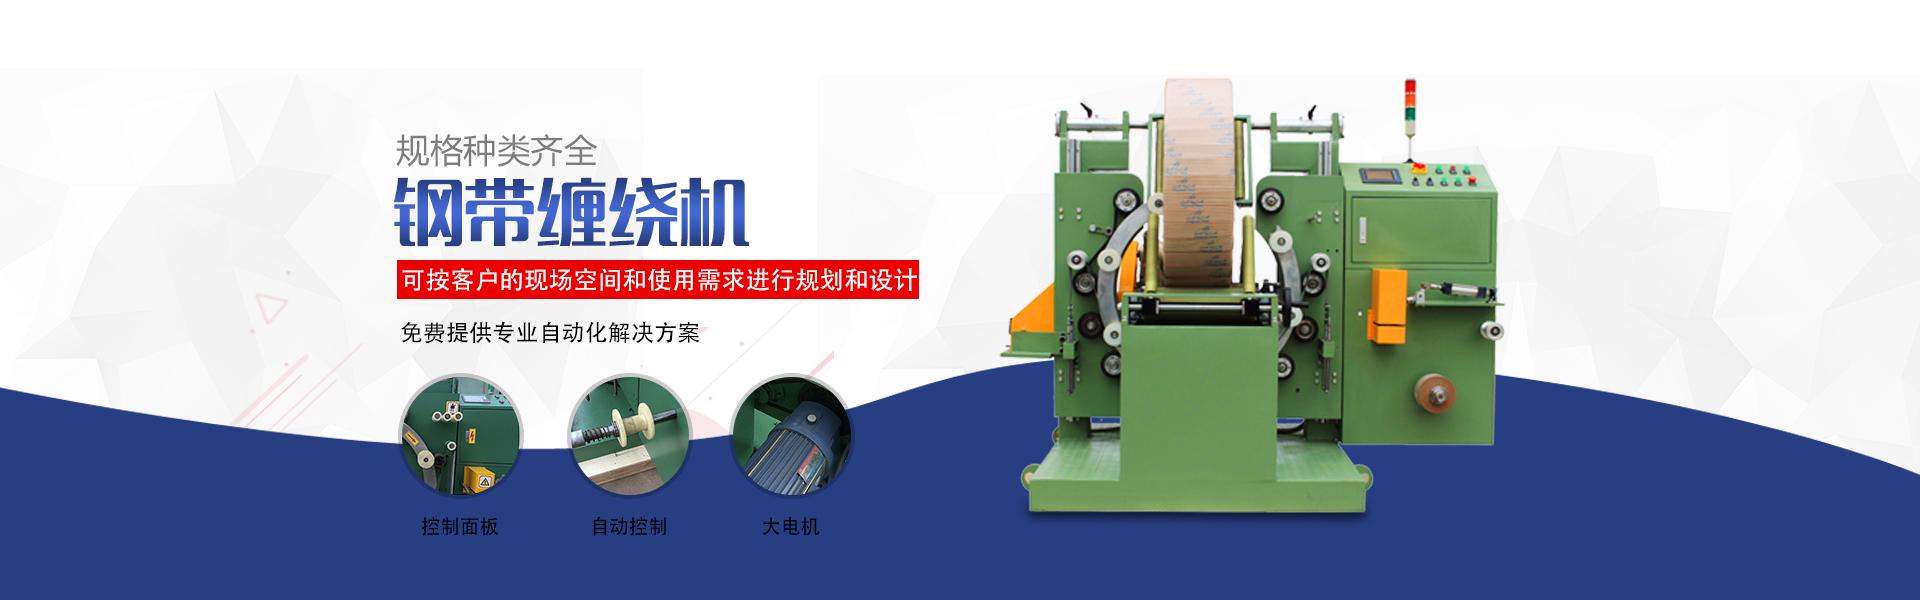 上海奉业包装机械有限澳门十大正规平台